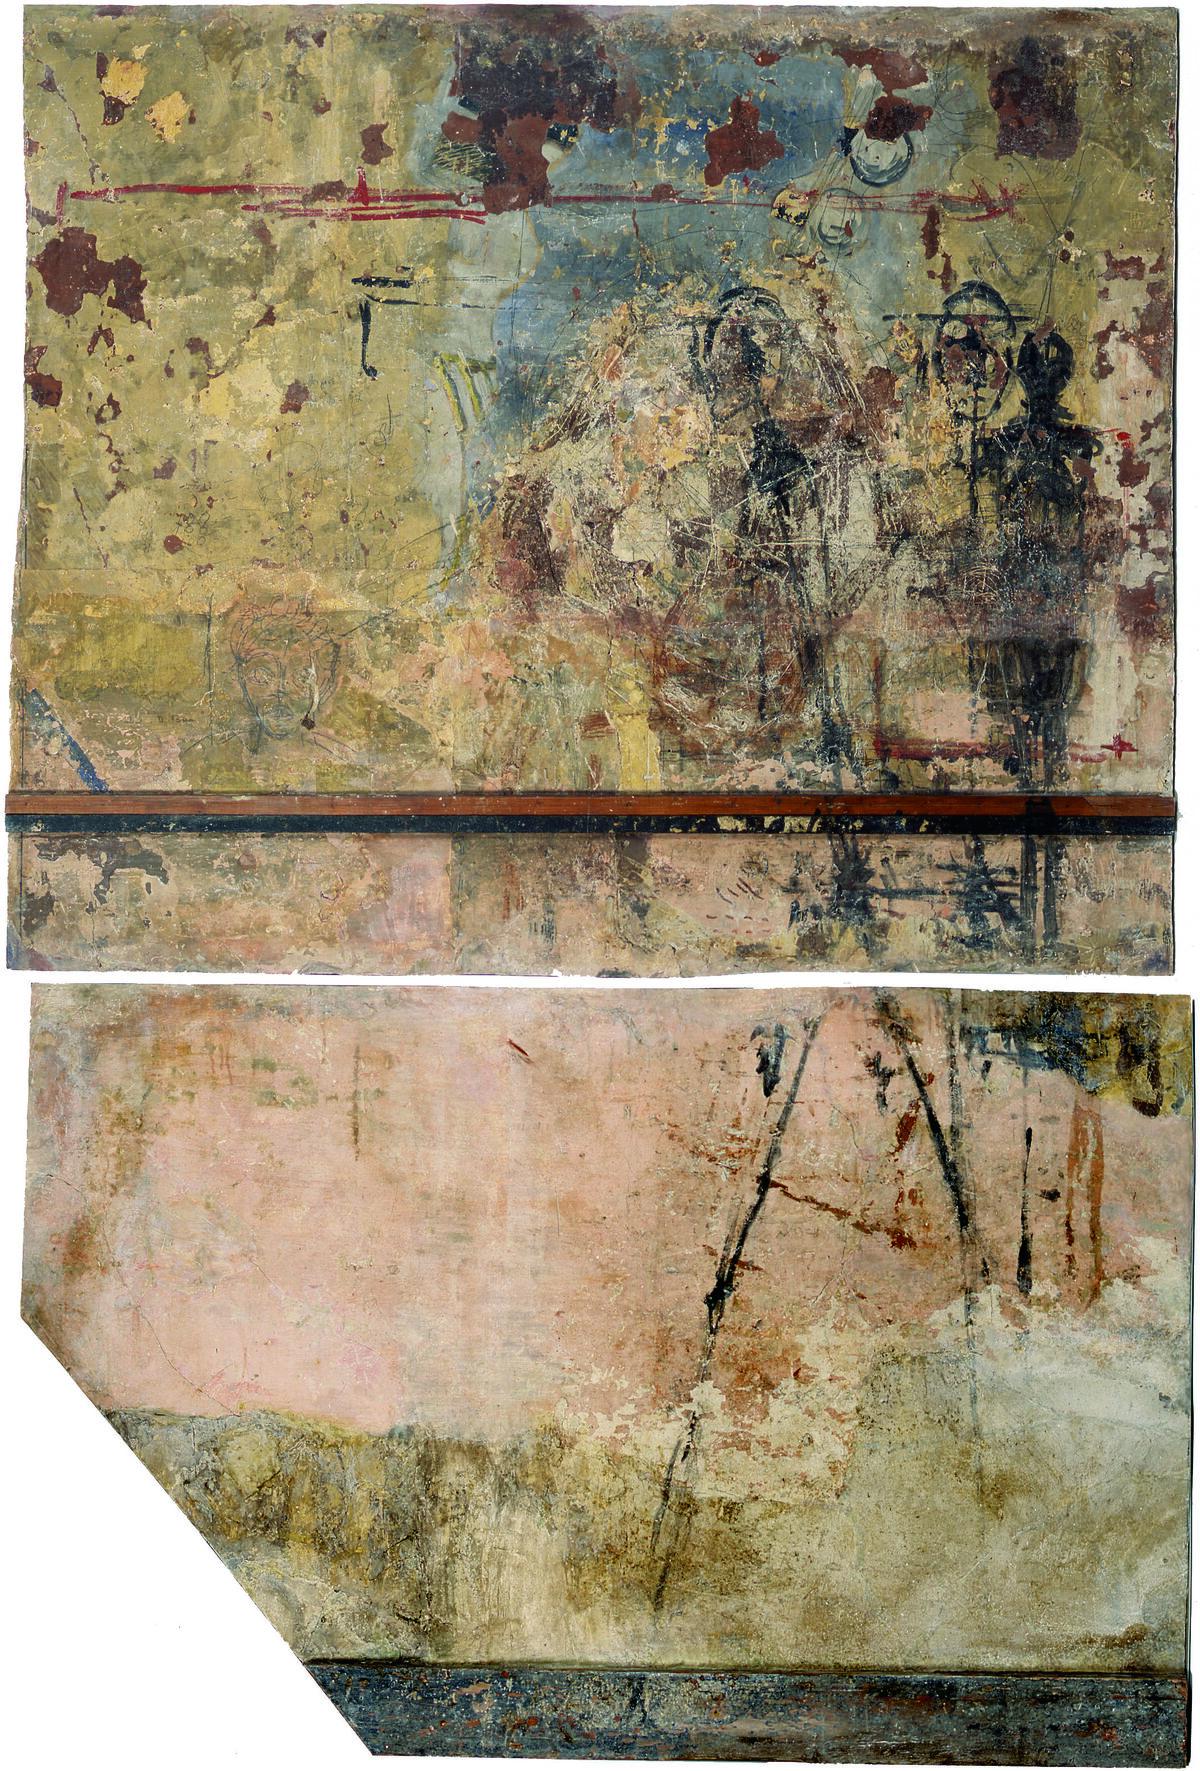 Walls of Giacometti's studio, 1966. © Succession Giacometti (Fondation Giacometti + ADAGP) Paris 2018. Courtesy of Fondation Giacometti, Paris.